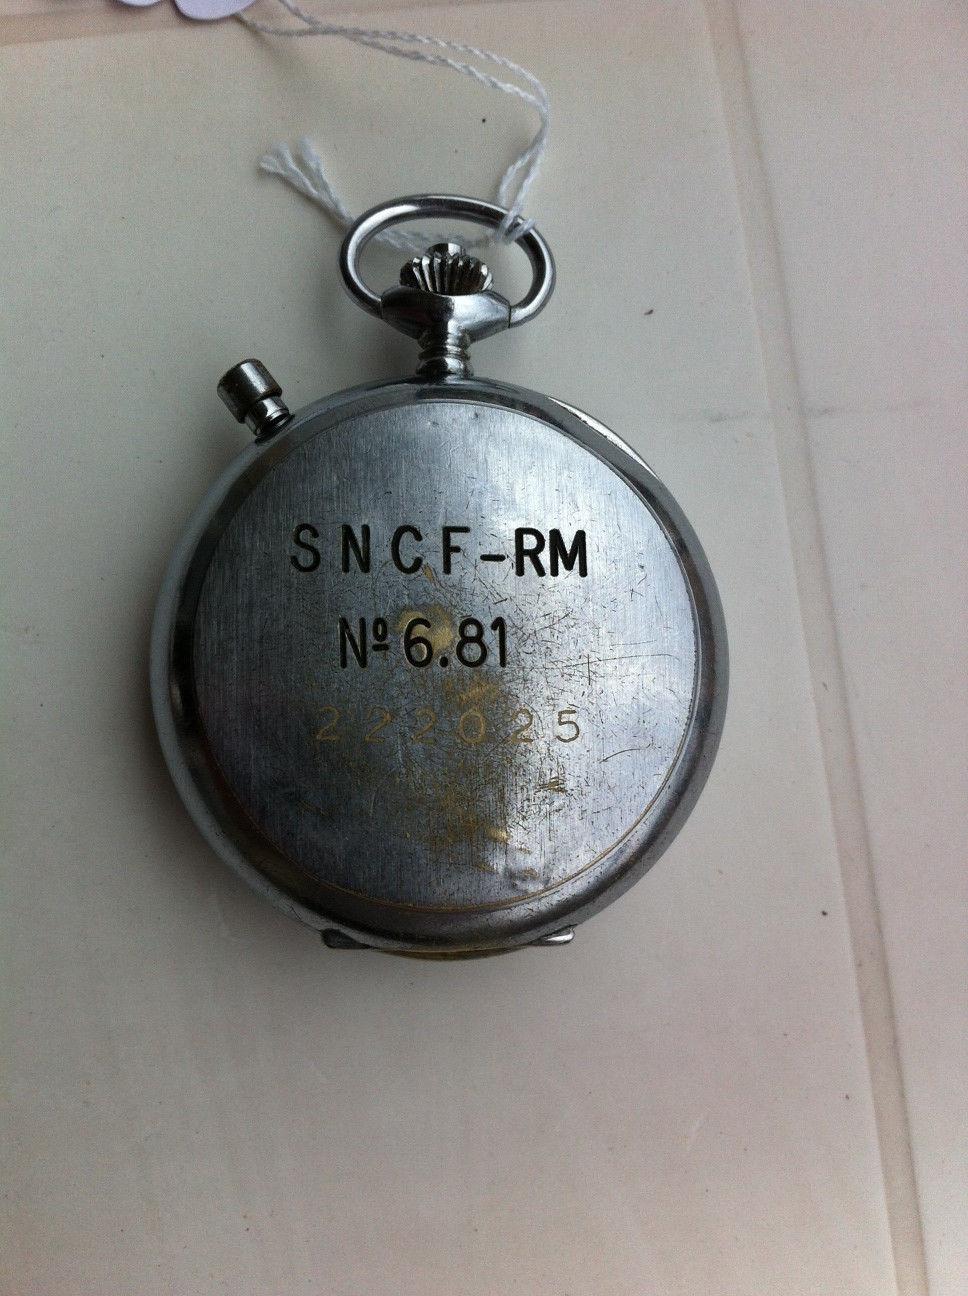 Je voudrais comprendre ce que ces lettres signifient sur l'horloge Chrono10